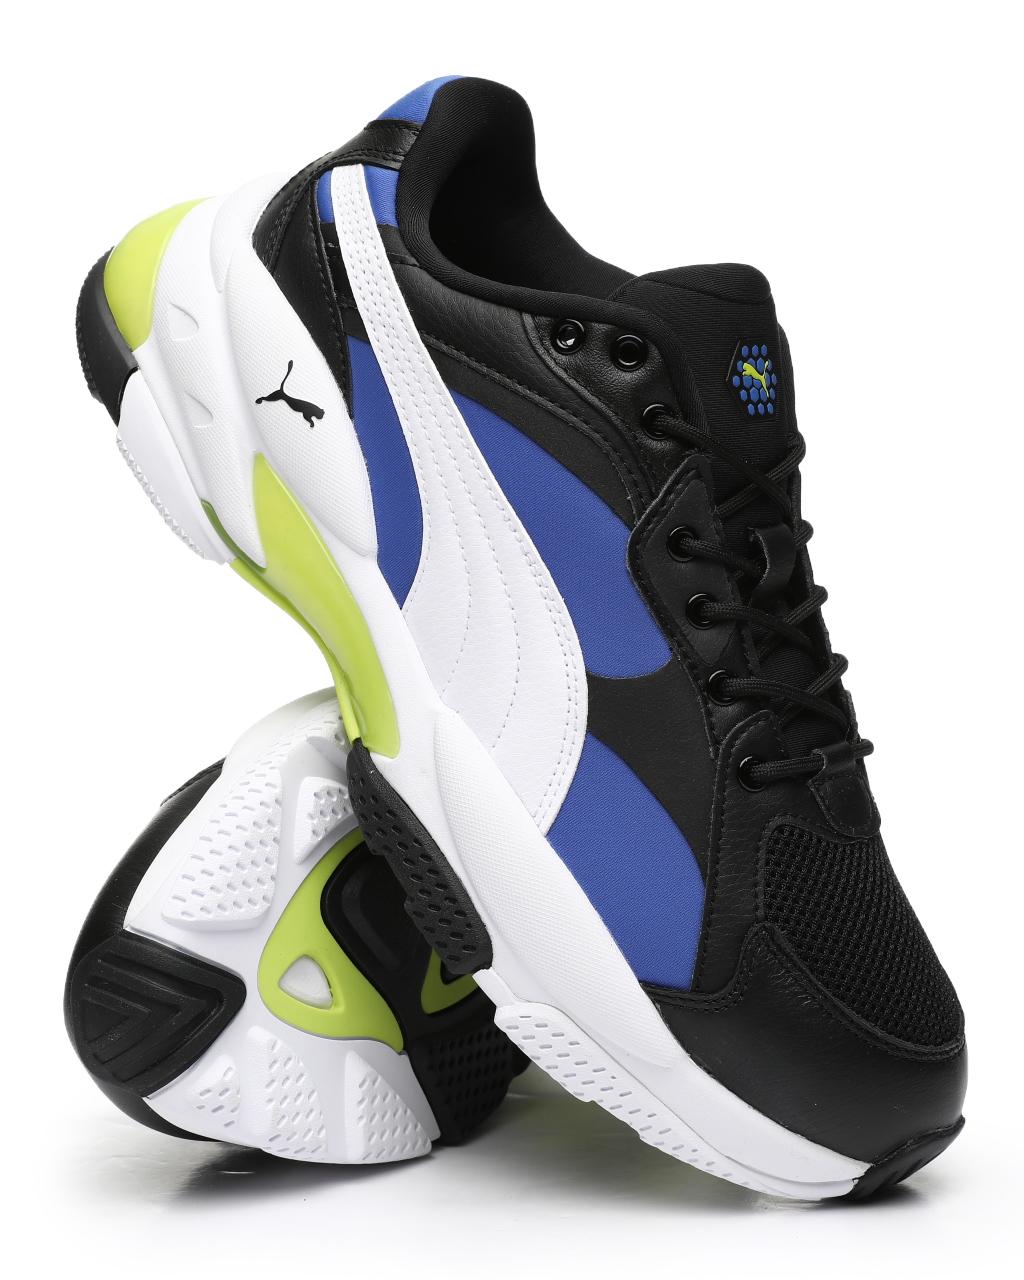 Buy LQD Cell Epsilon PT Sneakers Men's